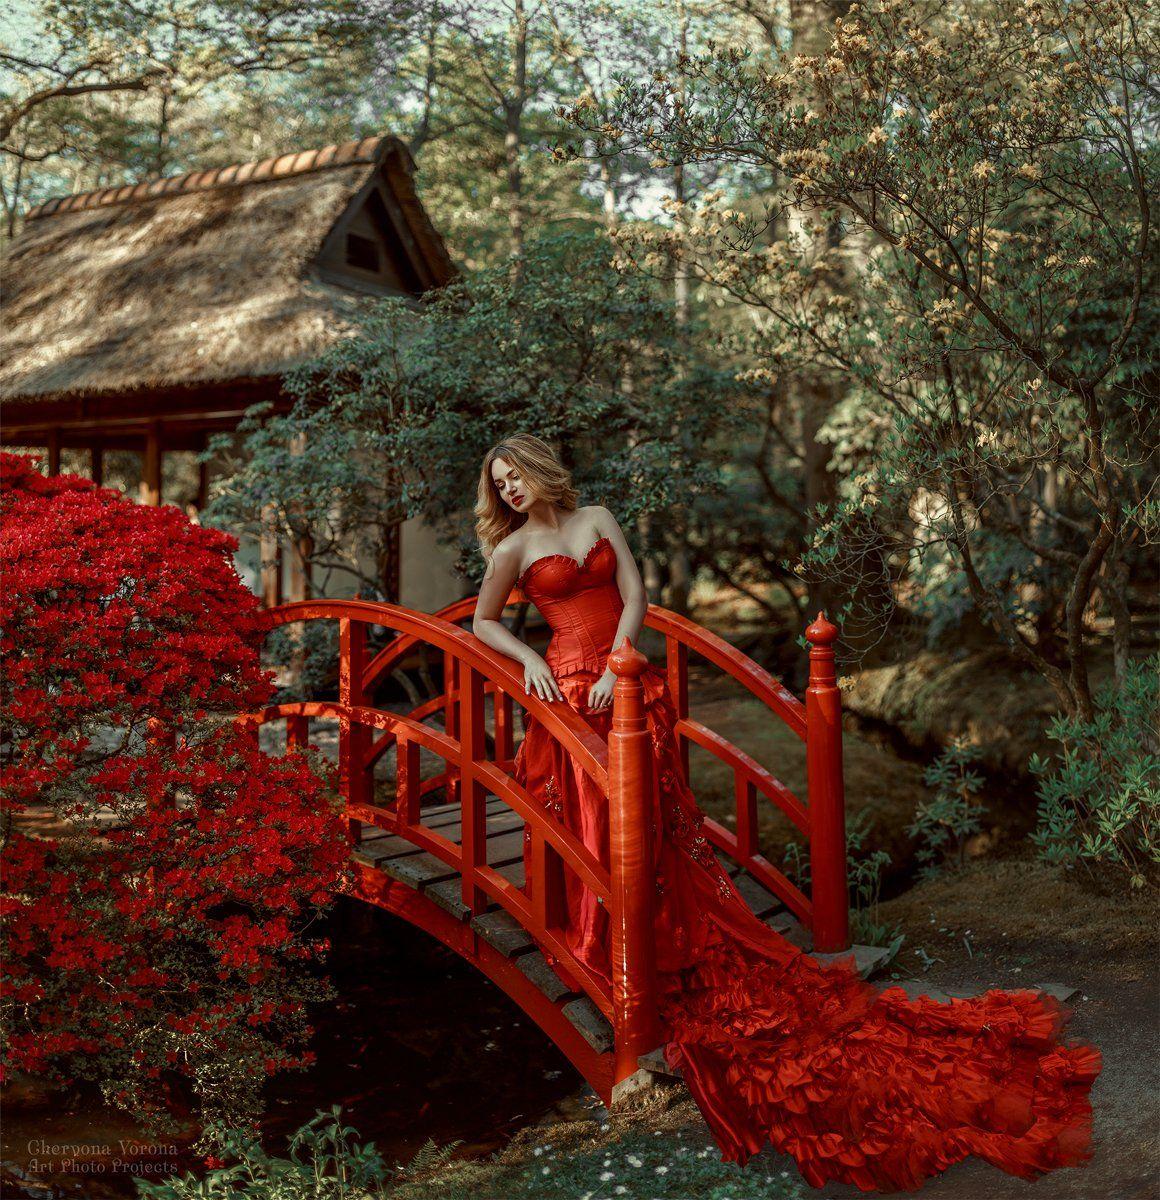 девушка в красном платье, красное платье, мост, китай, природа, Червона Ворона